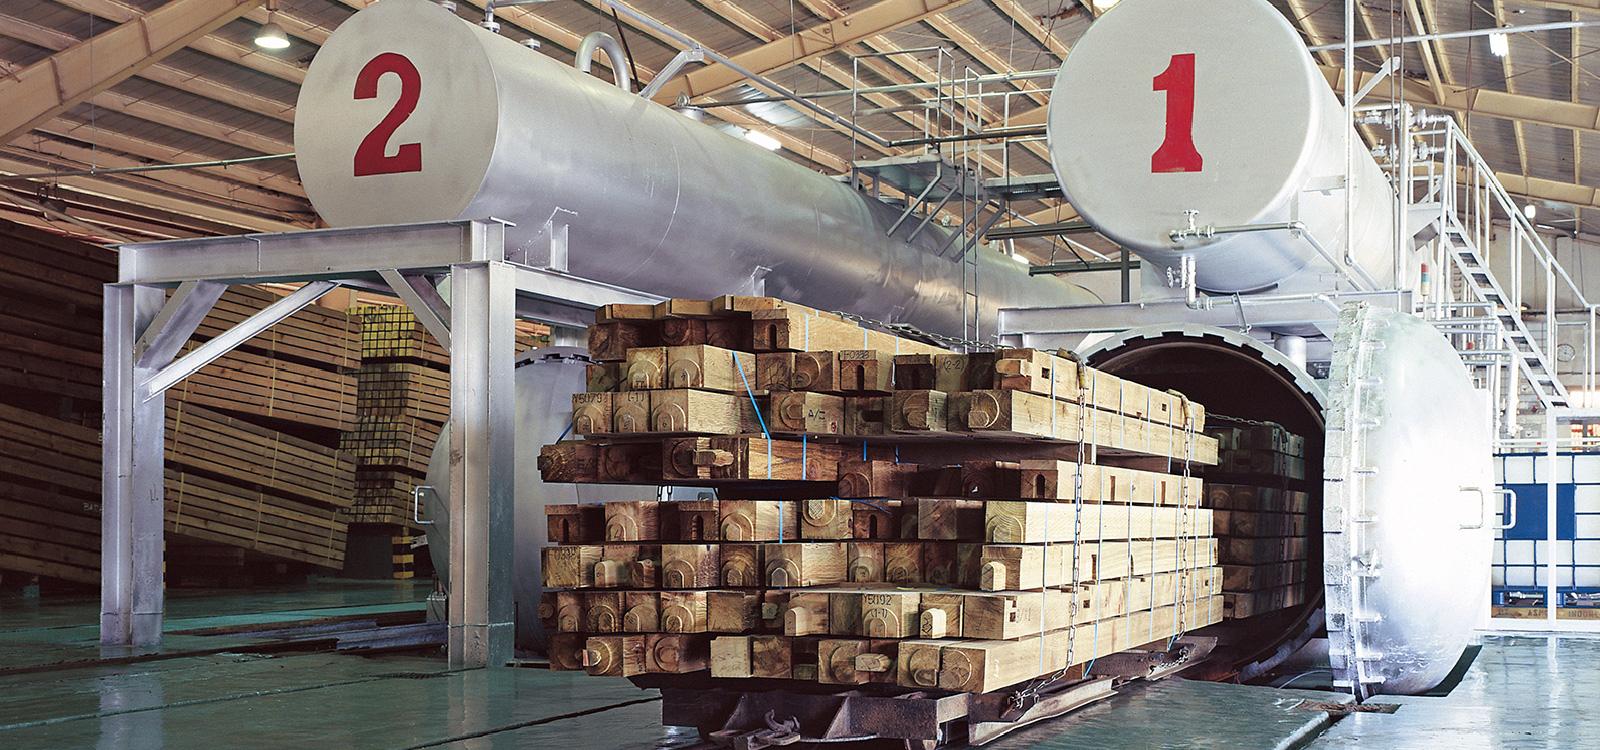 広島の新築・リフォーム・増改築「プレザーホーム」 加圧注入処理が実現する シロアリを防ぐ木材